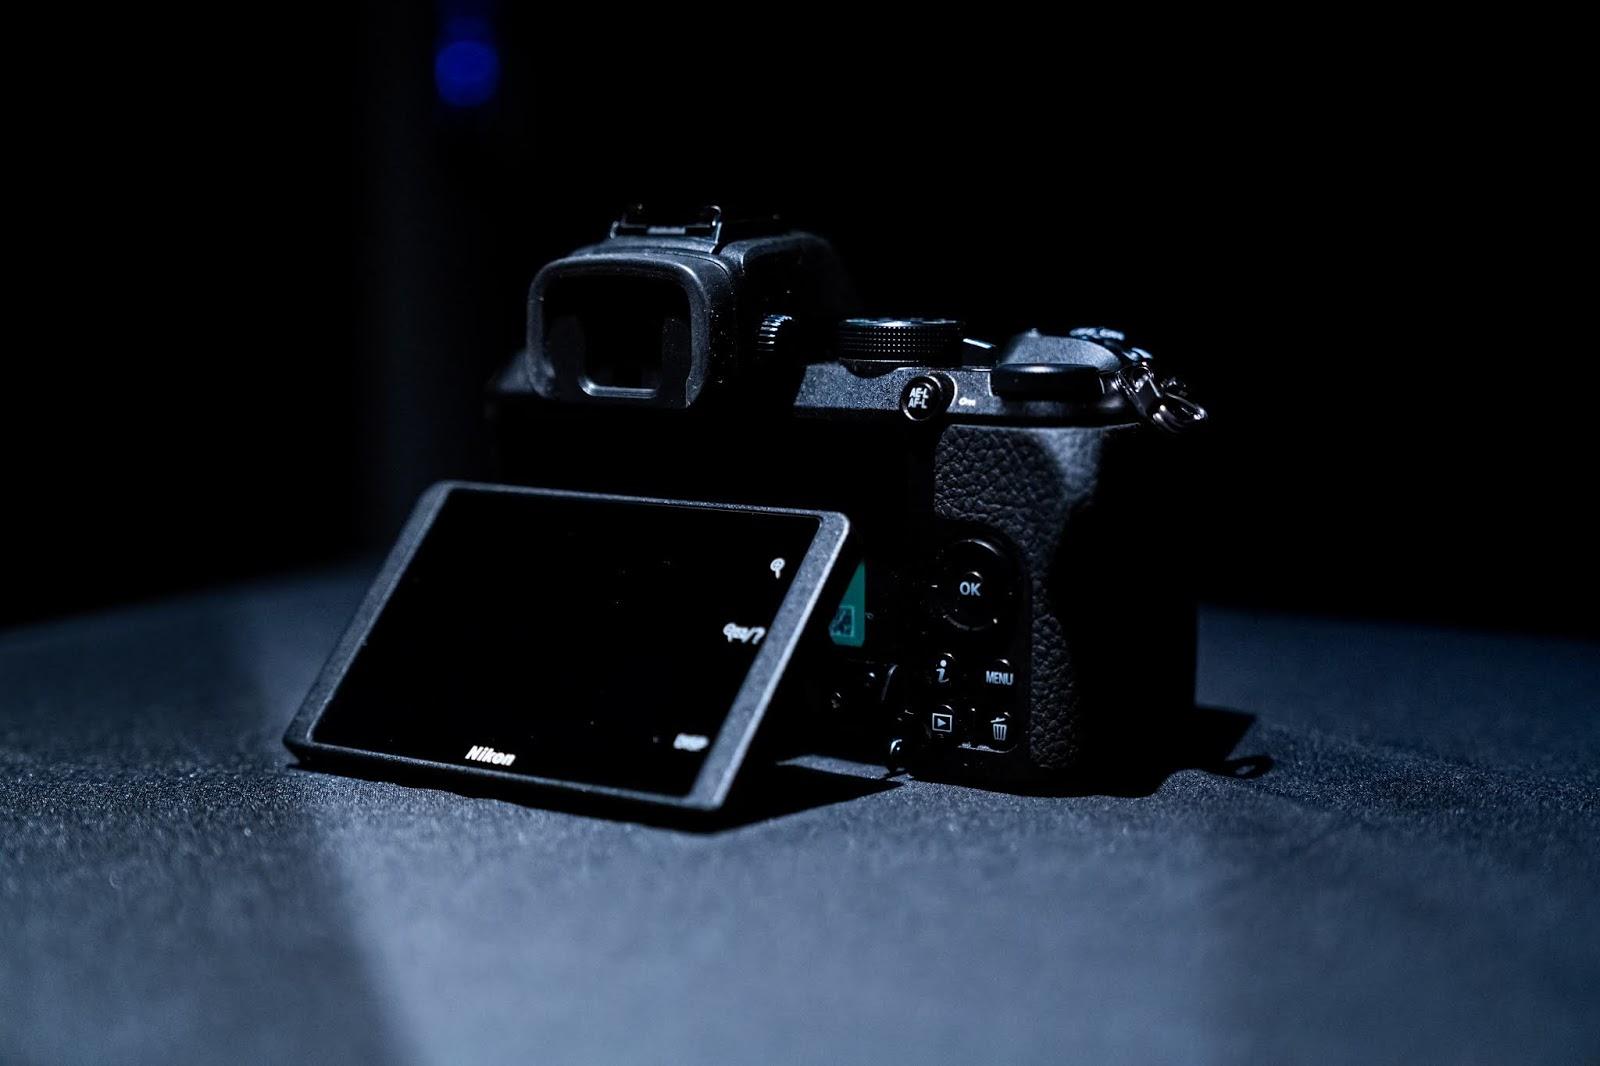 The new Nikon Z50